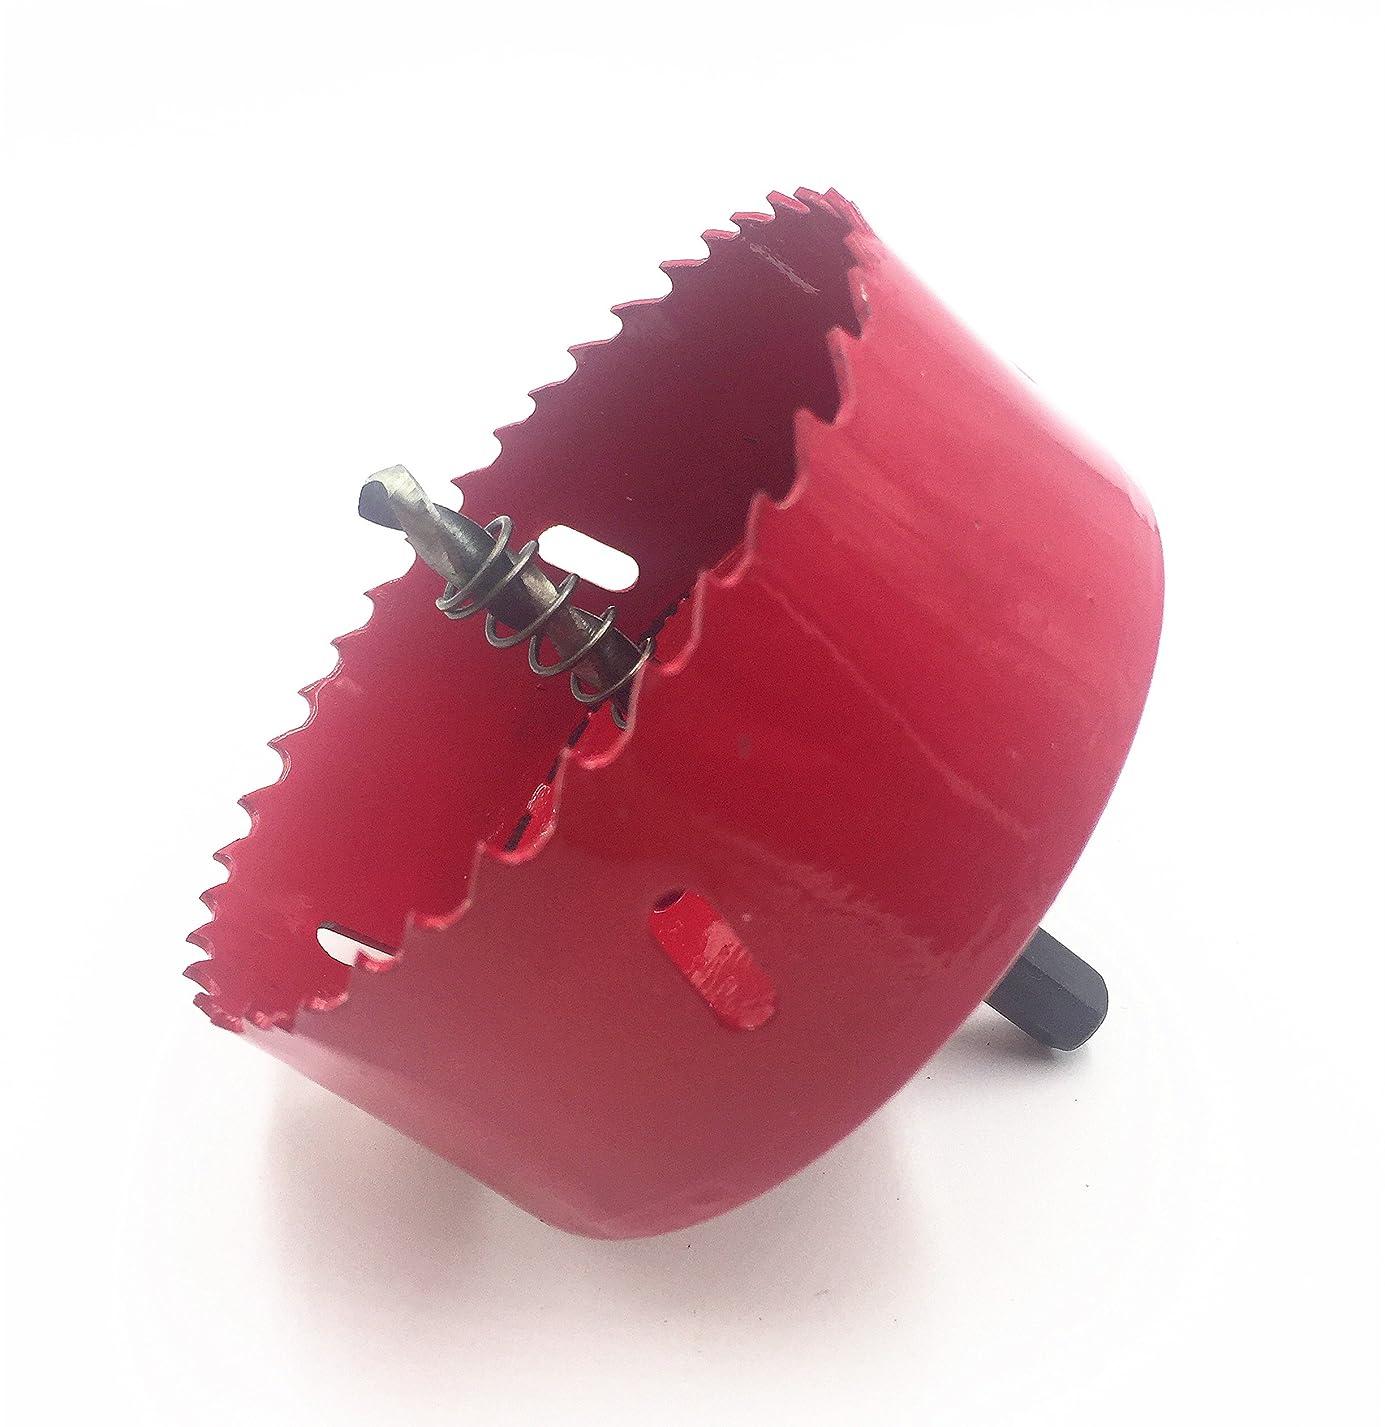 期待するロール歴史家TSUCIA ホールソー 電動ドリル ビッド ボール盤 対応 穴開け 切削工具 道具 器具 (90)